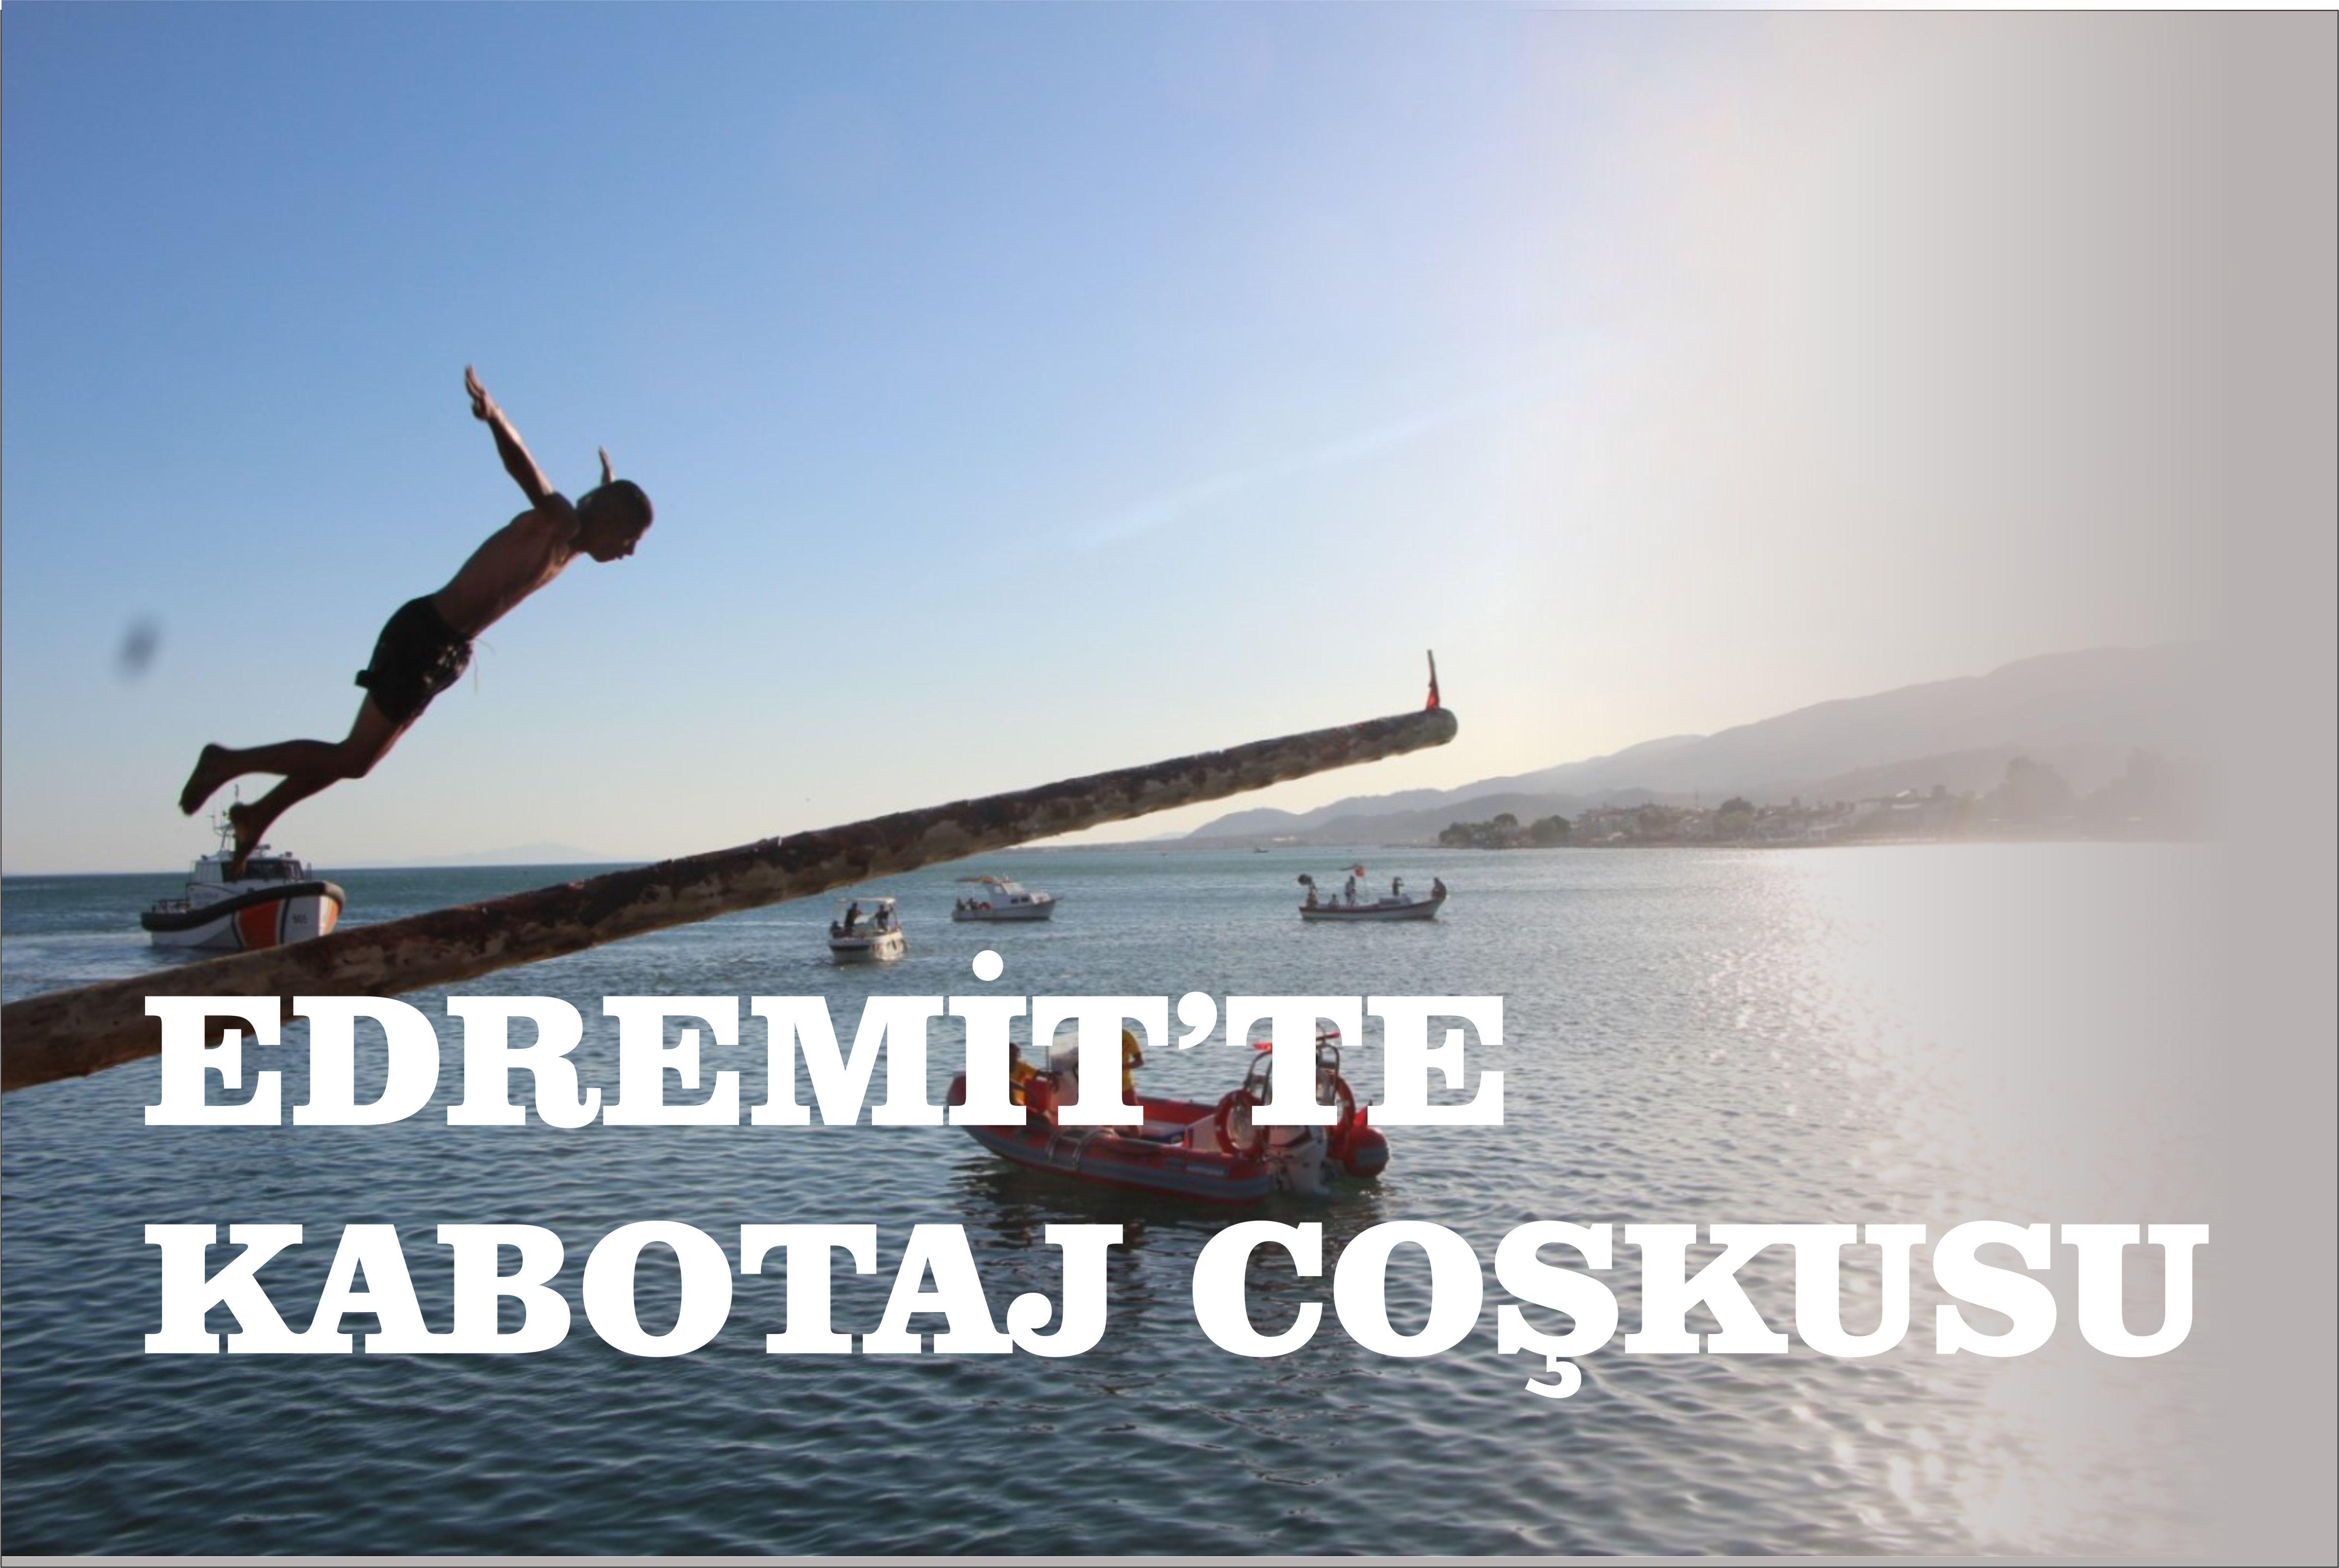 EDREMİT'TE KABOTAJ BAYRAMI KUTLANDI